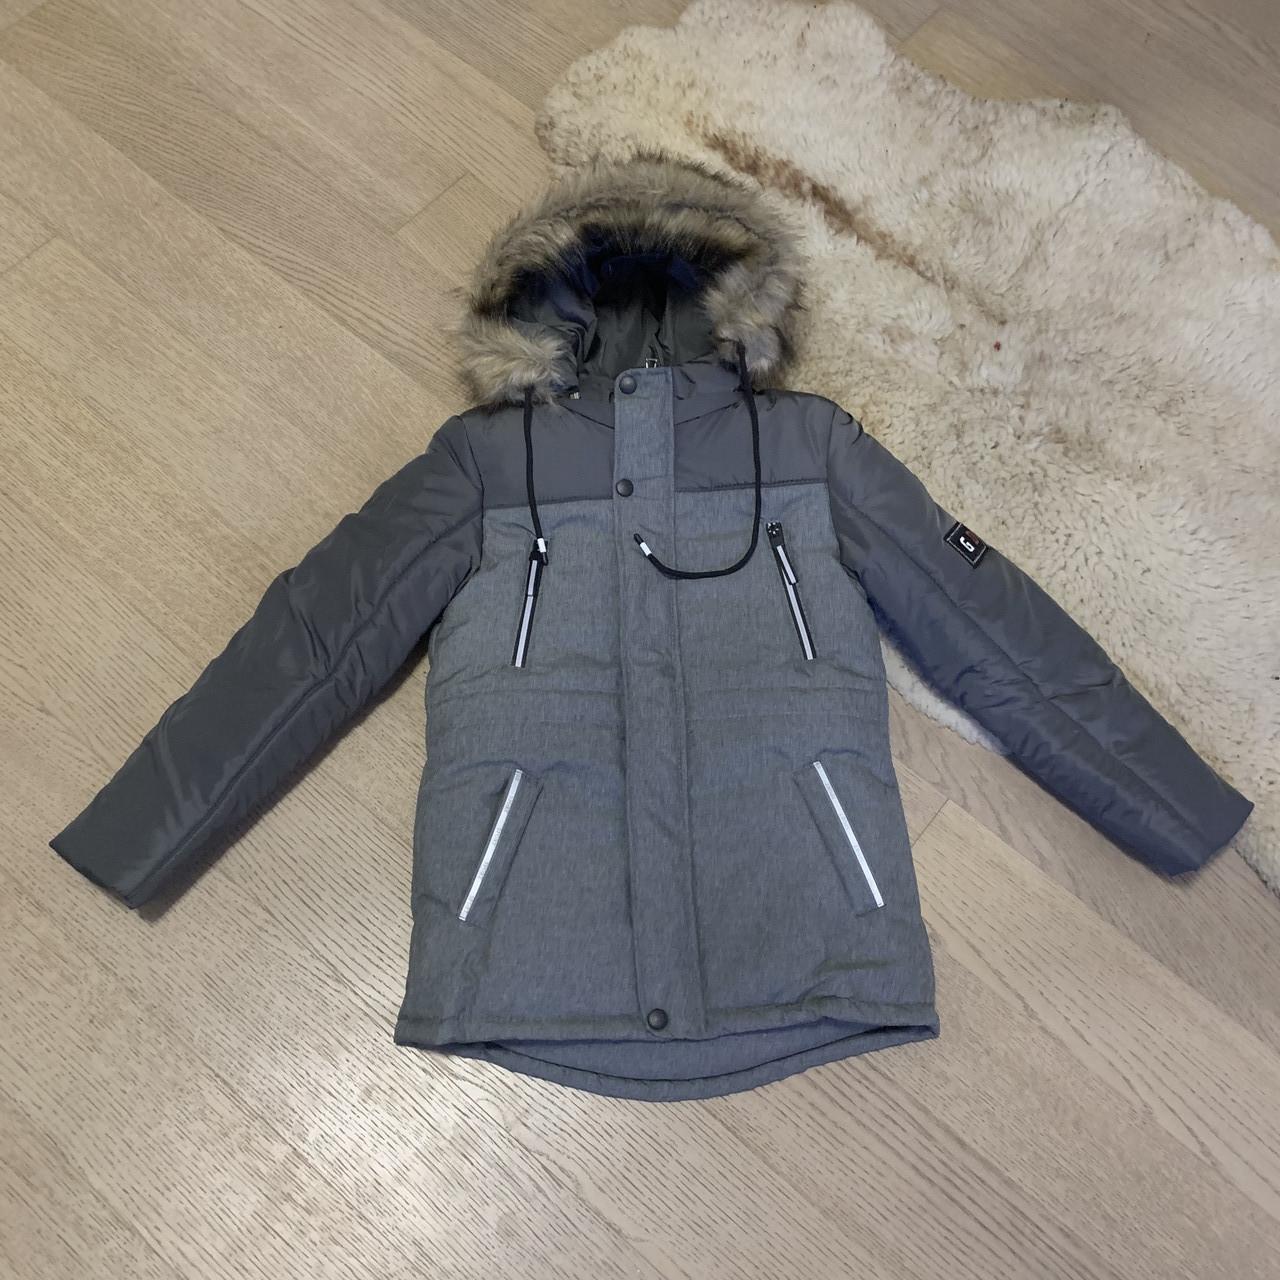 Зимняя куртка на мальчика 8-12 лет